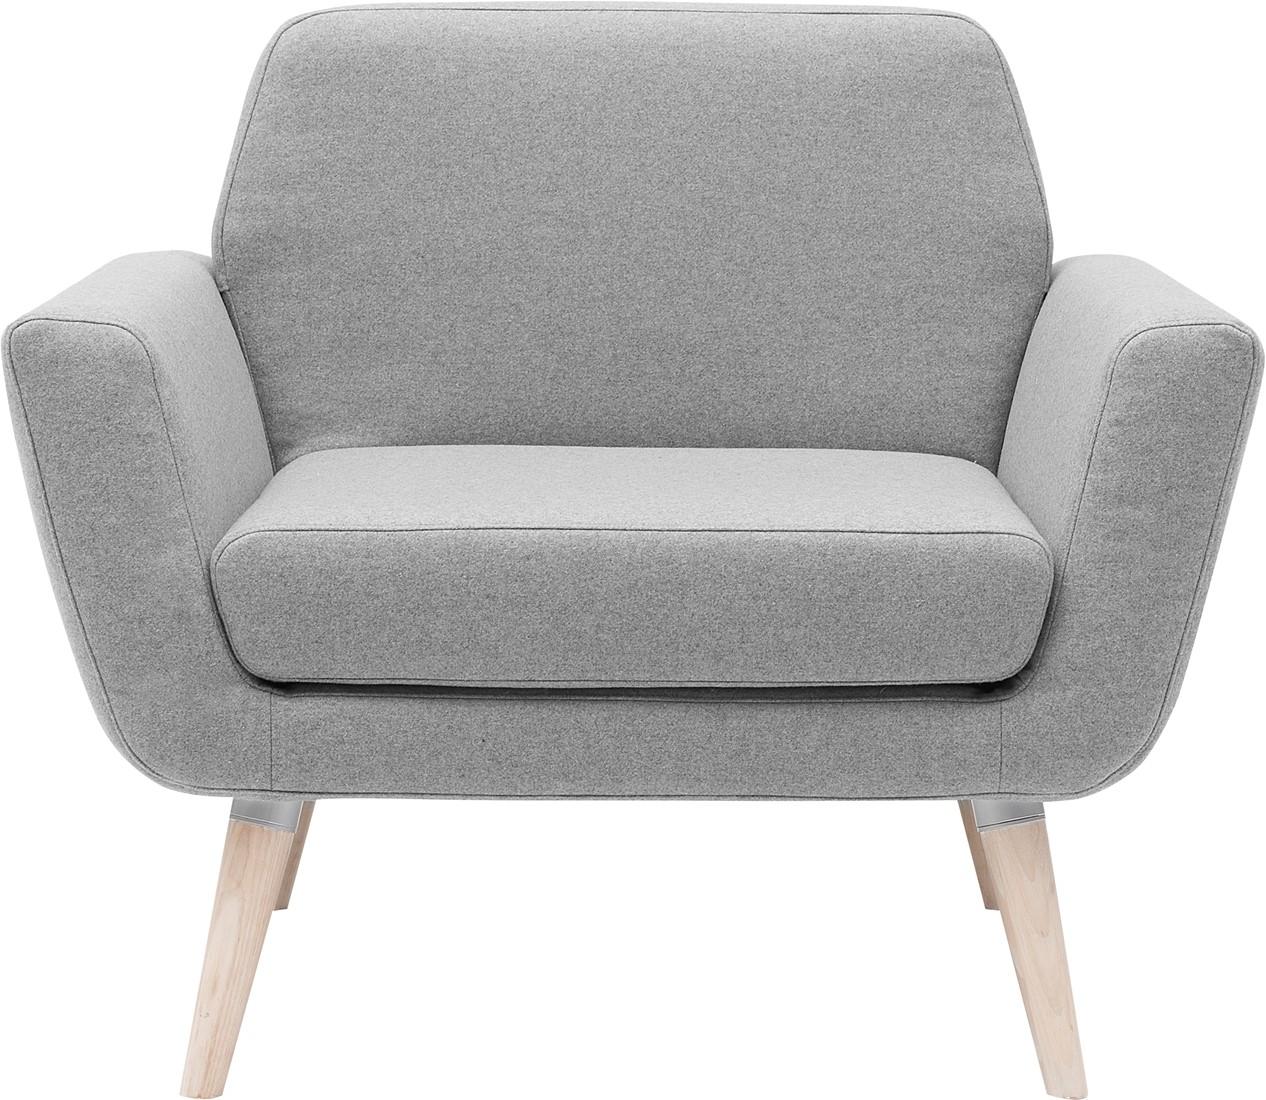 Scope fauteuil gestoffeerde lounge stoel met houten for Stoel houten poten